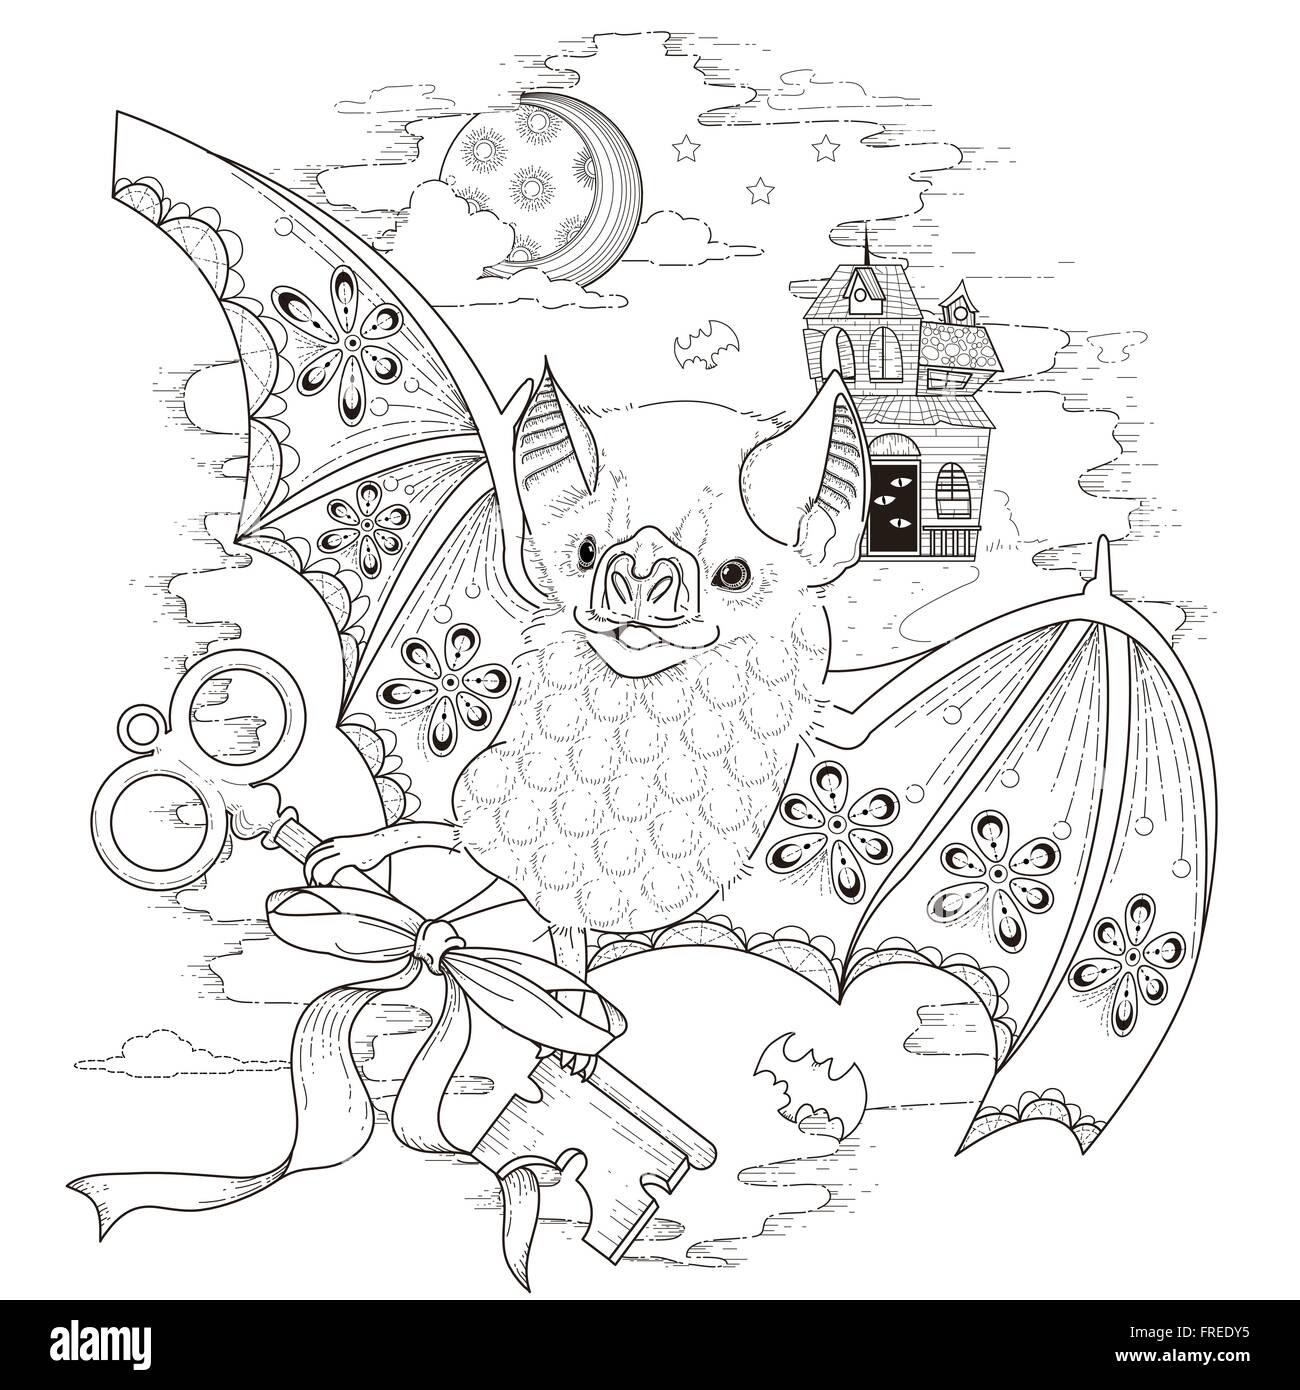 schöne Fledermaus Malvorlagen in exquisitem Stil Stockbild